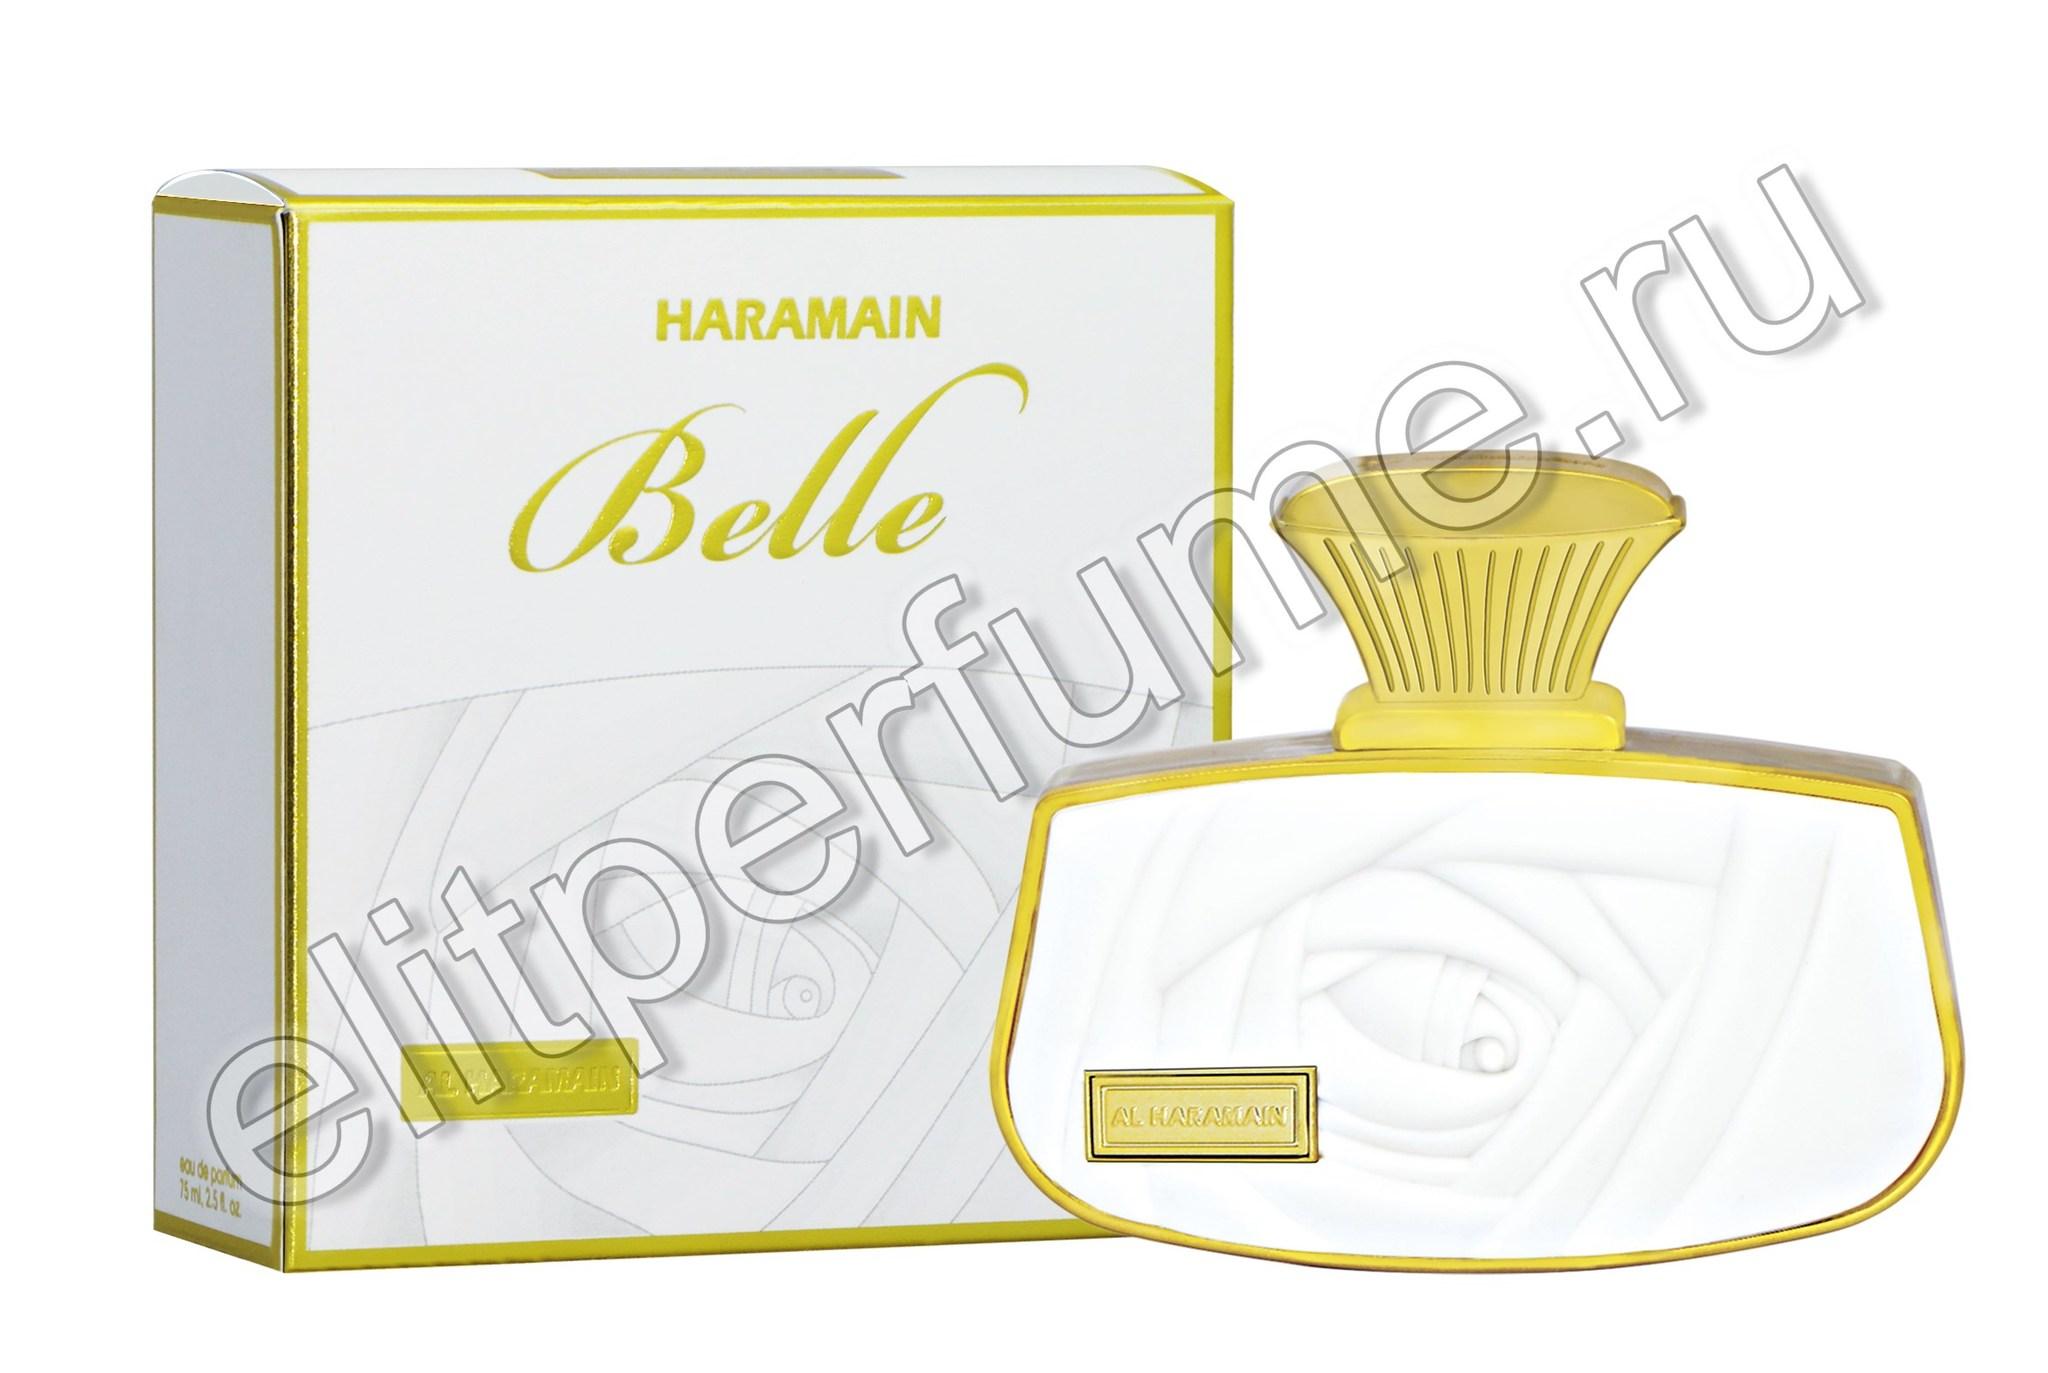 Haramain Belle / Харамайн Бель 75 мл спрей от Аль Харамайн Al Haramain Perfumes